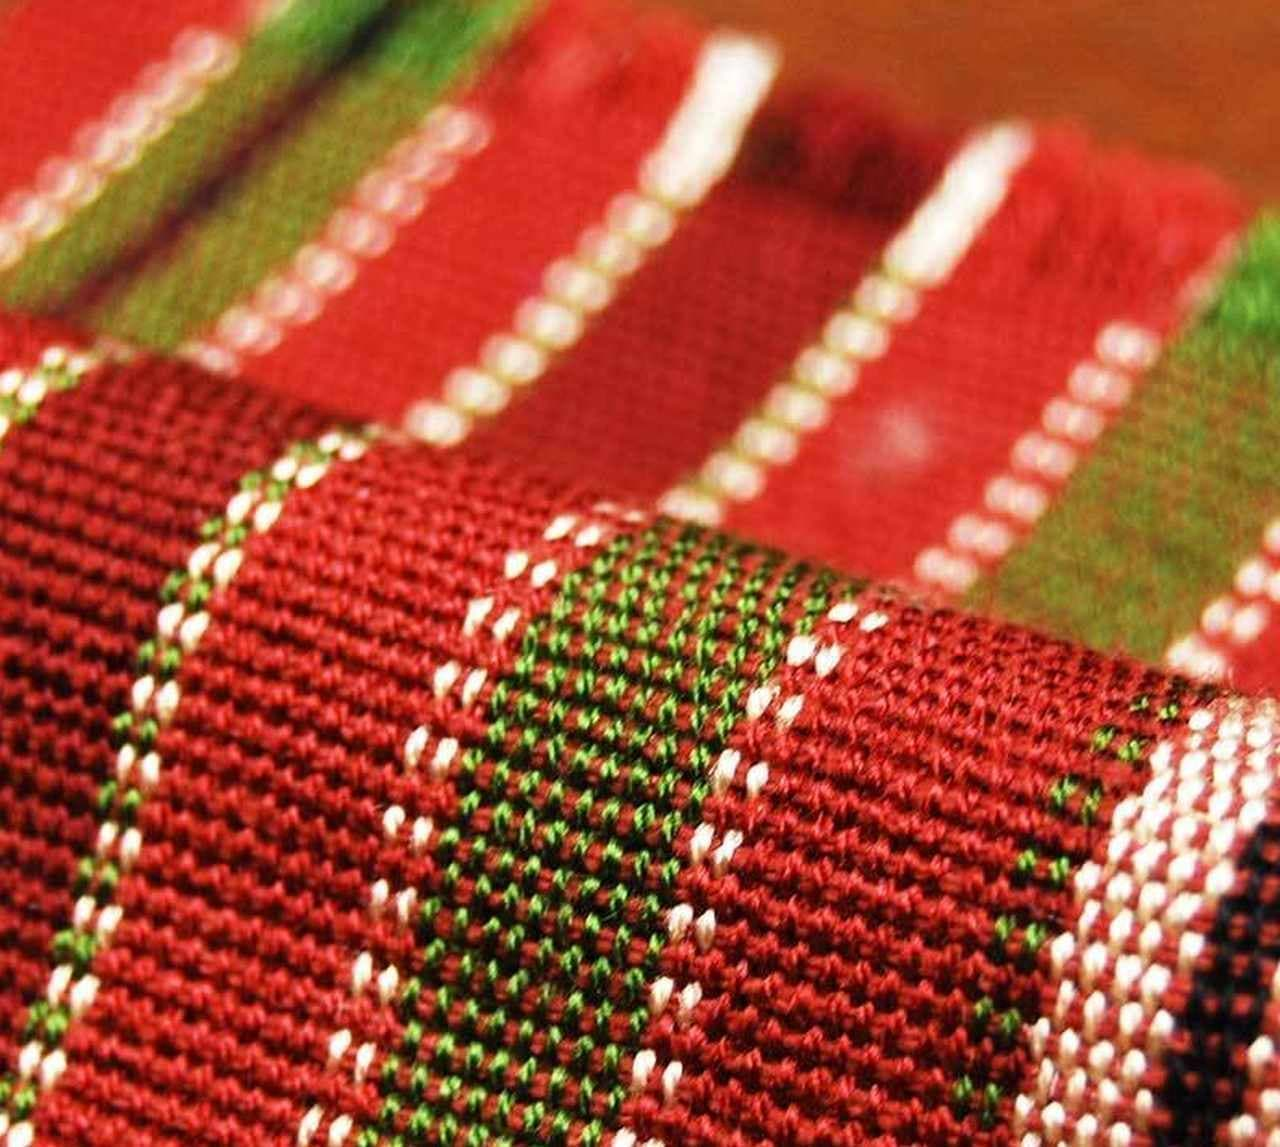 中南米産手織り生地を採用したカラフルなマスク ― 自分も周囲も明るくする「TESOROオリジナルマスク」